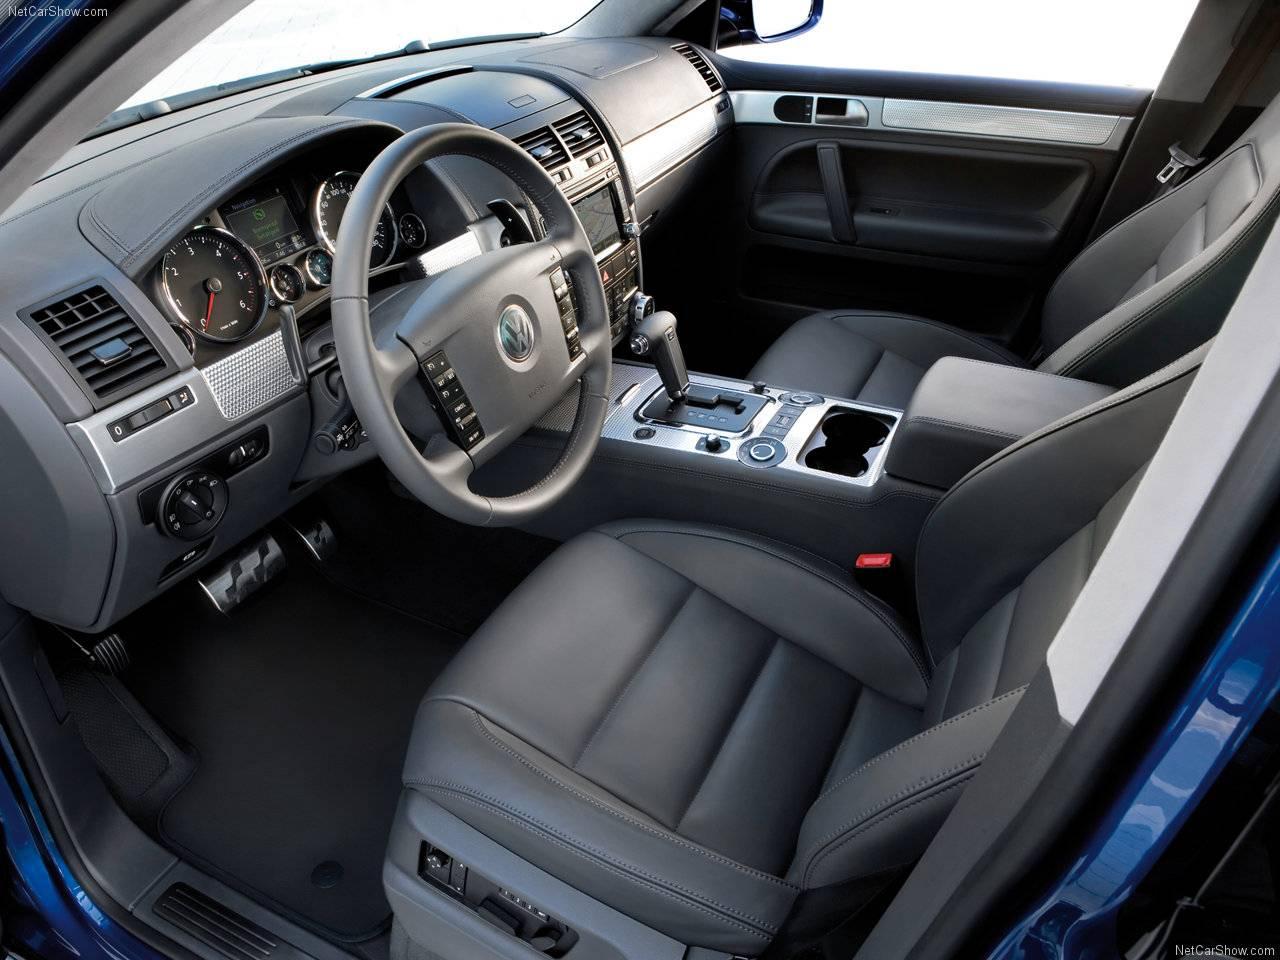 http://3.bp.blogspot.com/_lsyt_wQ2awY/TFFfWdTyUCI/AAAAAAACAFI/aeH8diTpY5U/s1600/Volkswagen-Touareg_R50_2008_1280x960_wallpaper_09.jpg